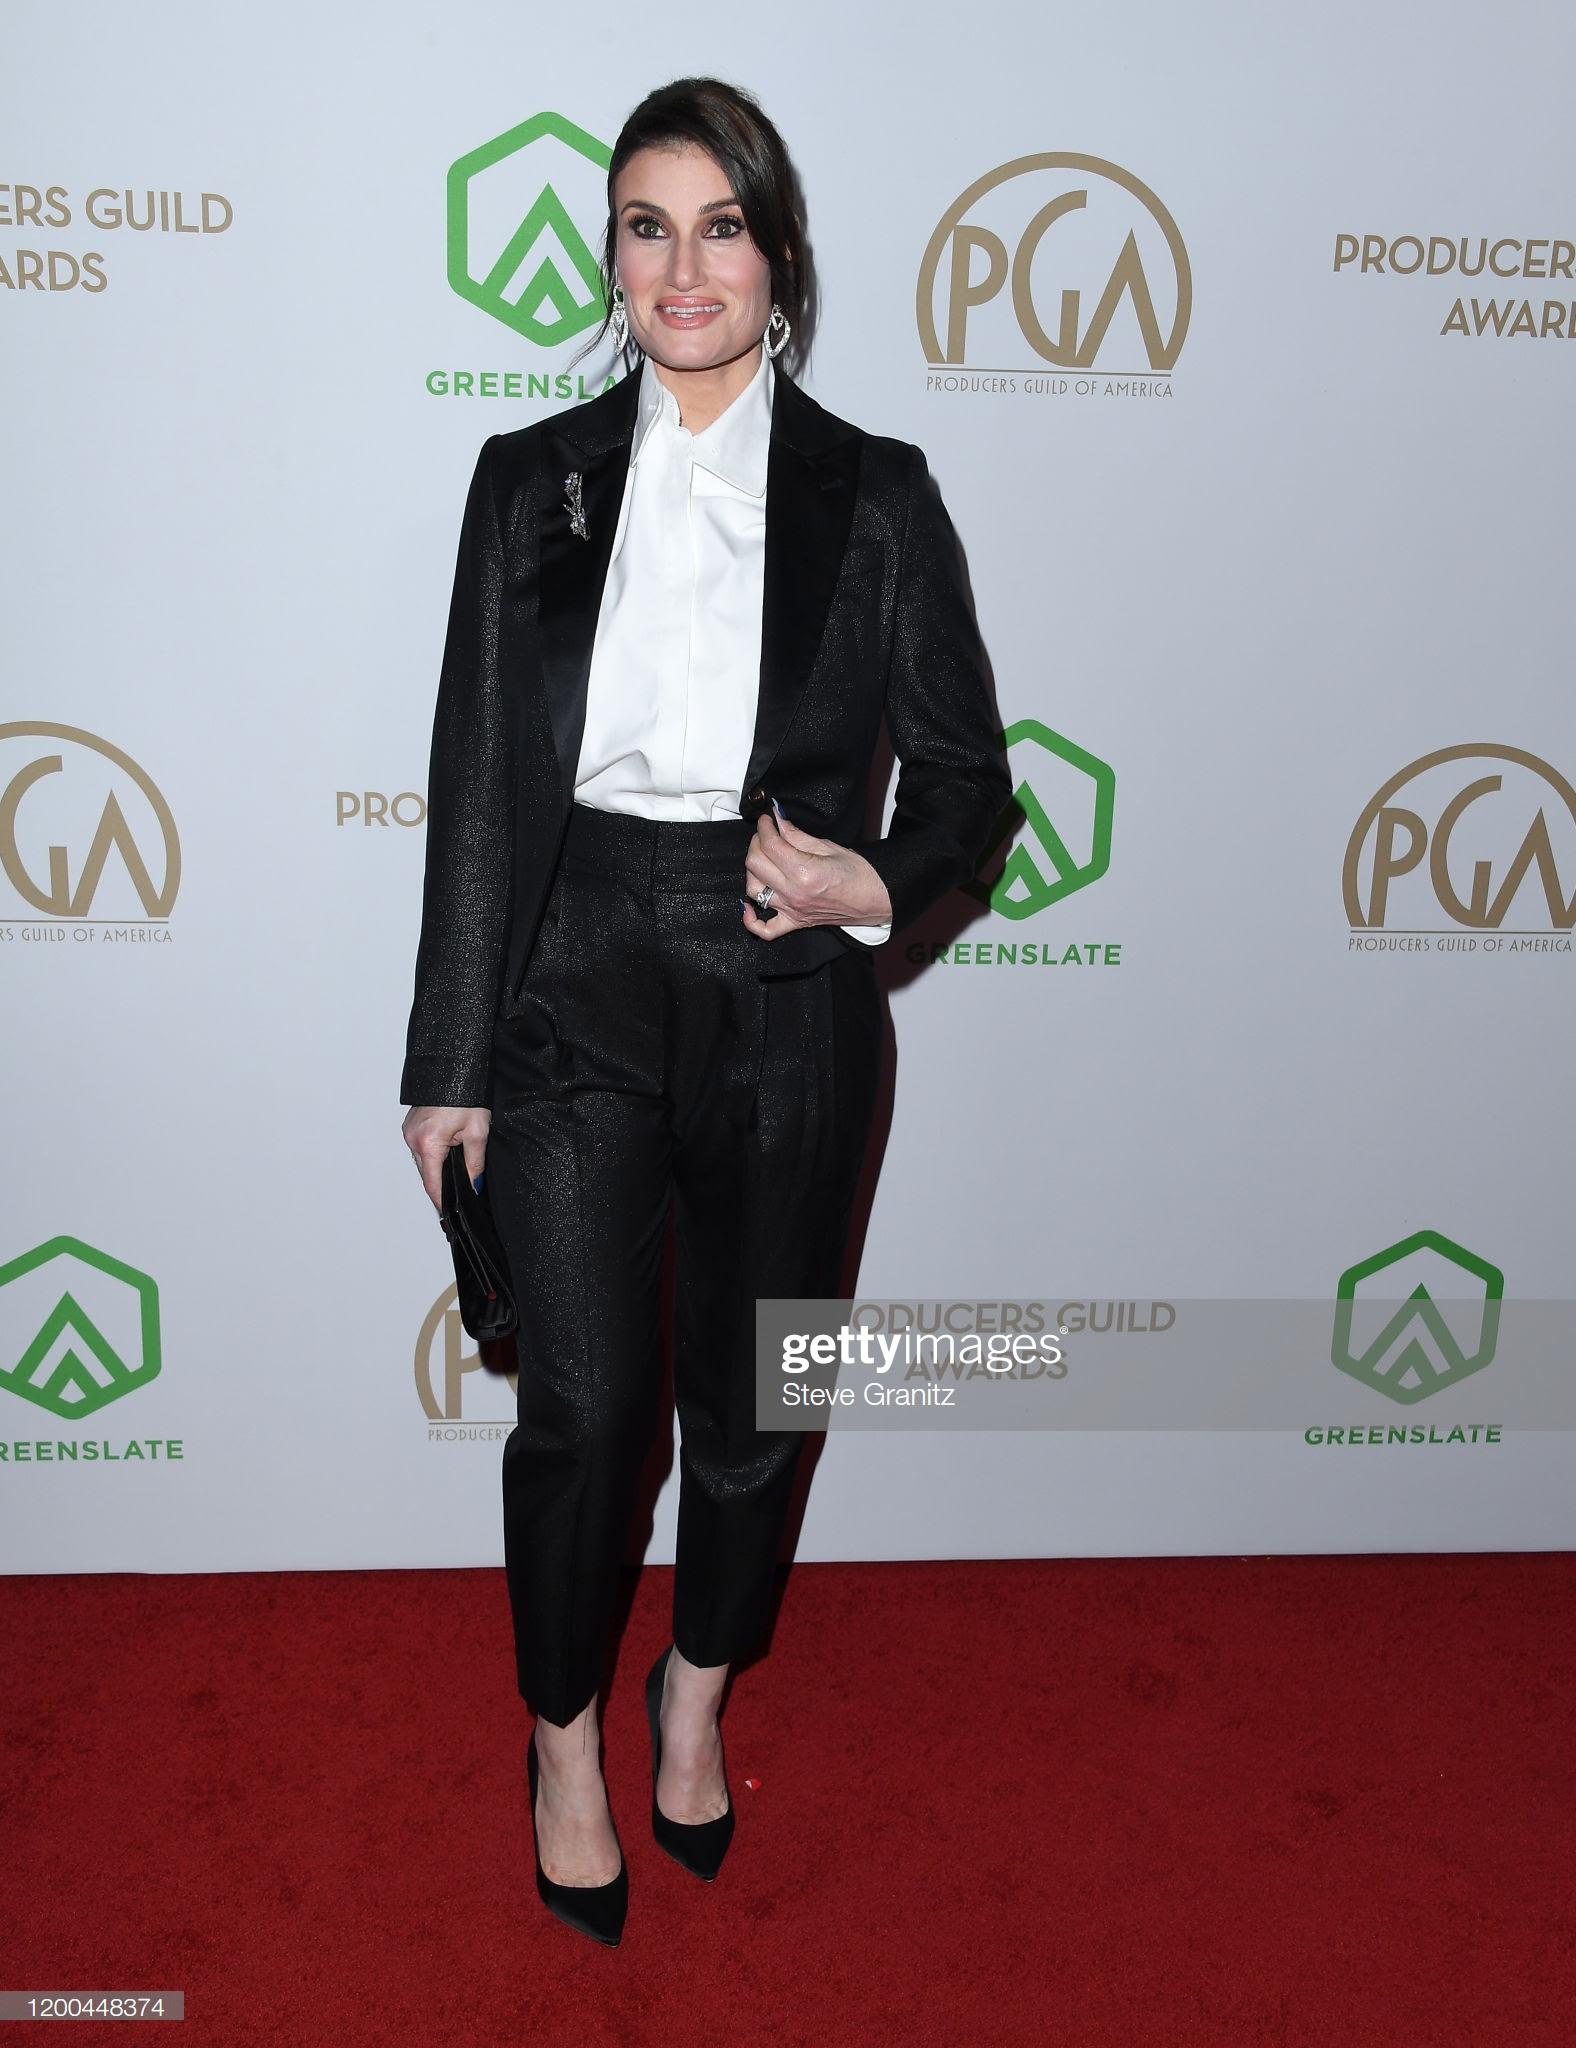 """4db00ece 8a30 4878 9304 0ea8bae11e31 - Screen Actors Guild Awards"""" 2020: Scarlett Johansson y Leonardo Dicaprio entre las celebrities que lucieron Jimmy Choo"""